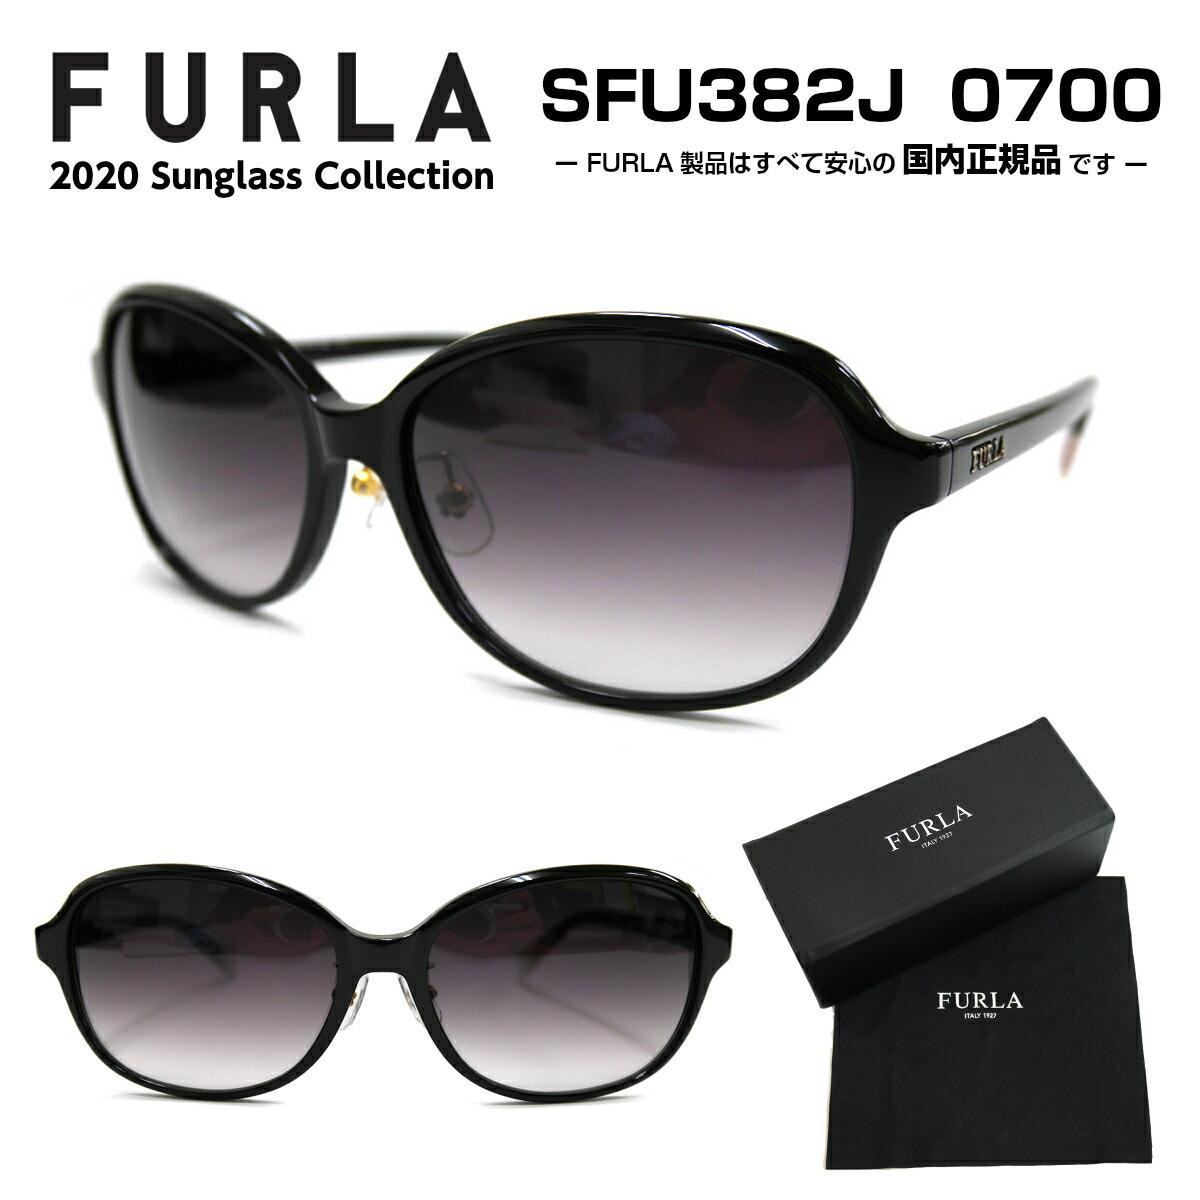 FURLA フルラ サングラス SFU382J 0700 2020年モデル SUNGLASS メガネ レディース 女性 正規品 UVカット ライトカラー うすめ きれい かわいい 大きめ 母の日 プレゼント ギフト オススメ